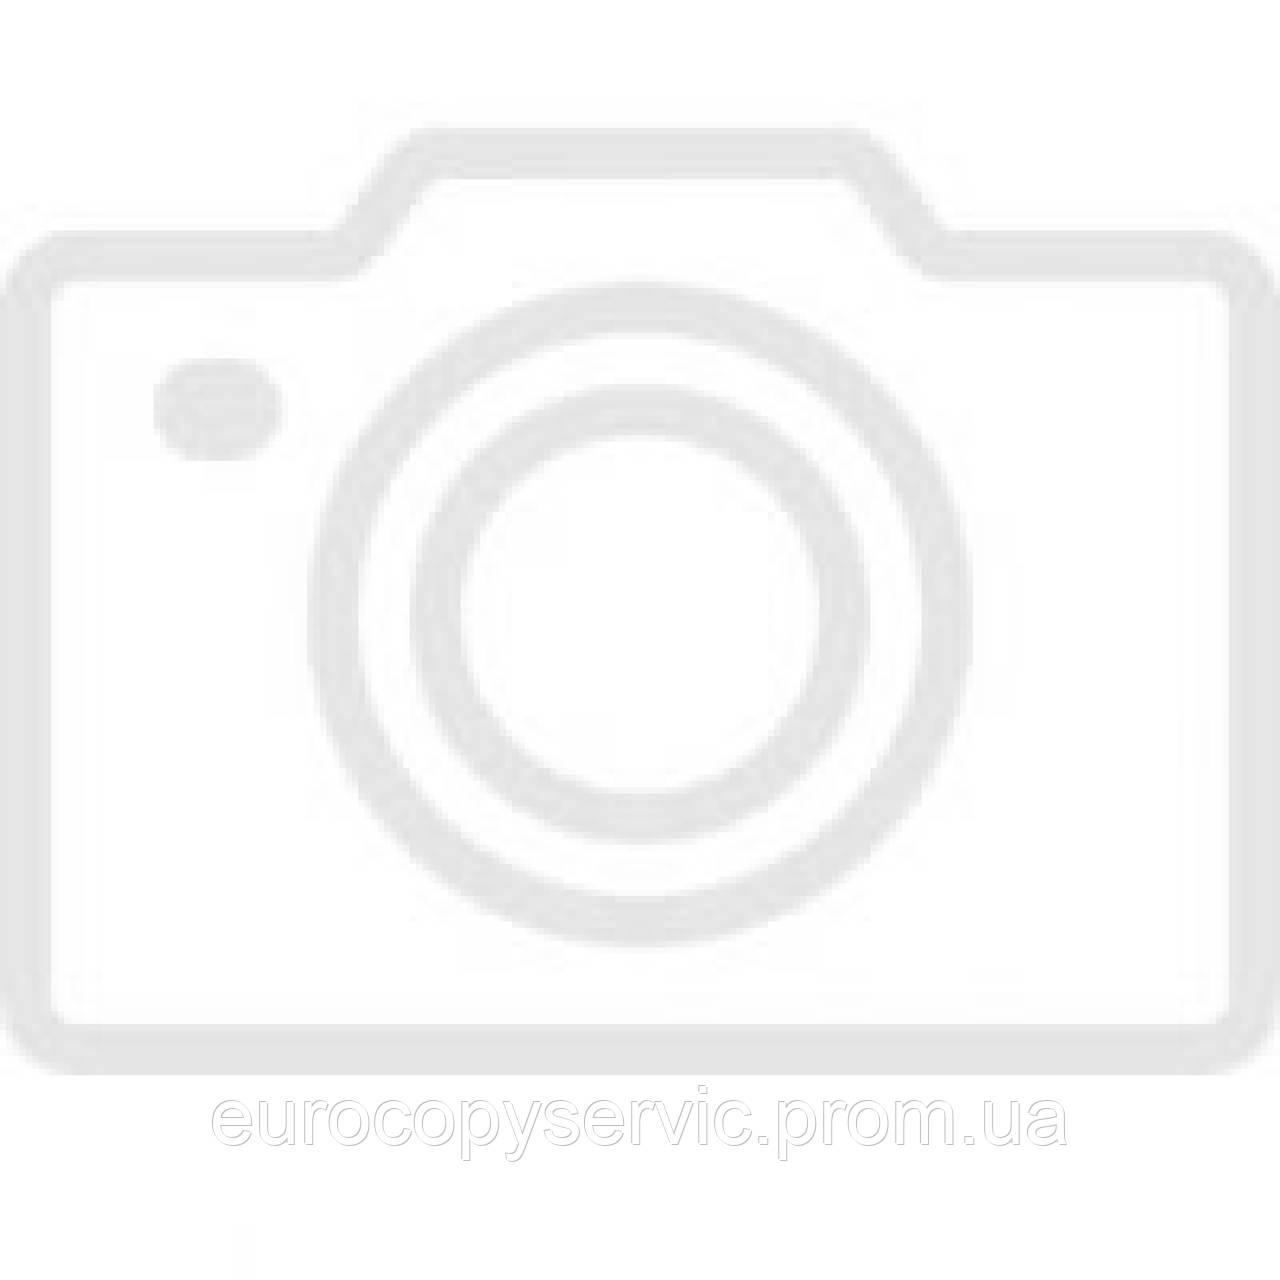 Нагревательный элемент АНК для HP LJ P4014/P4015 (220V) (2700153)